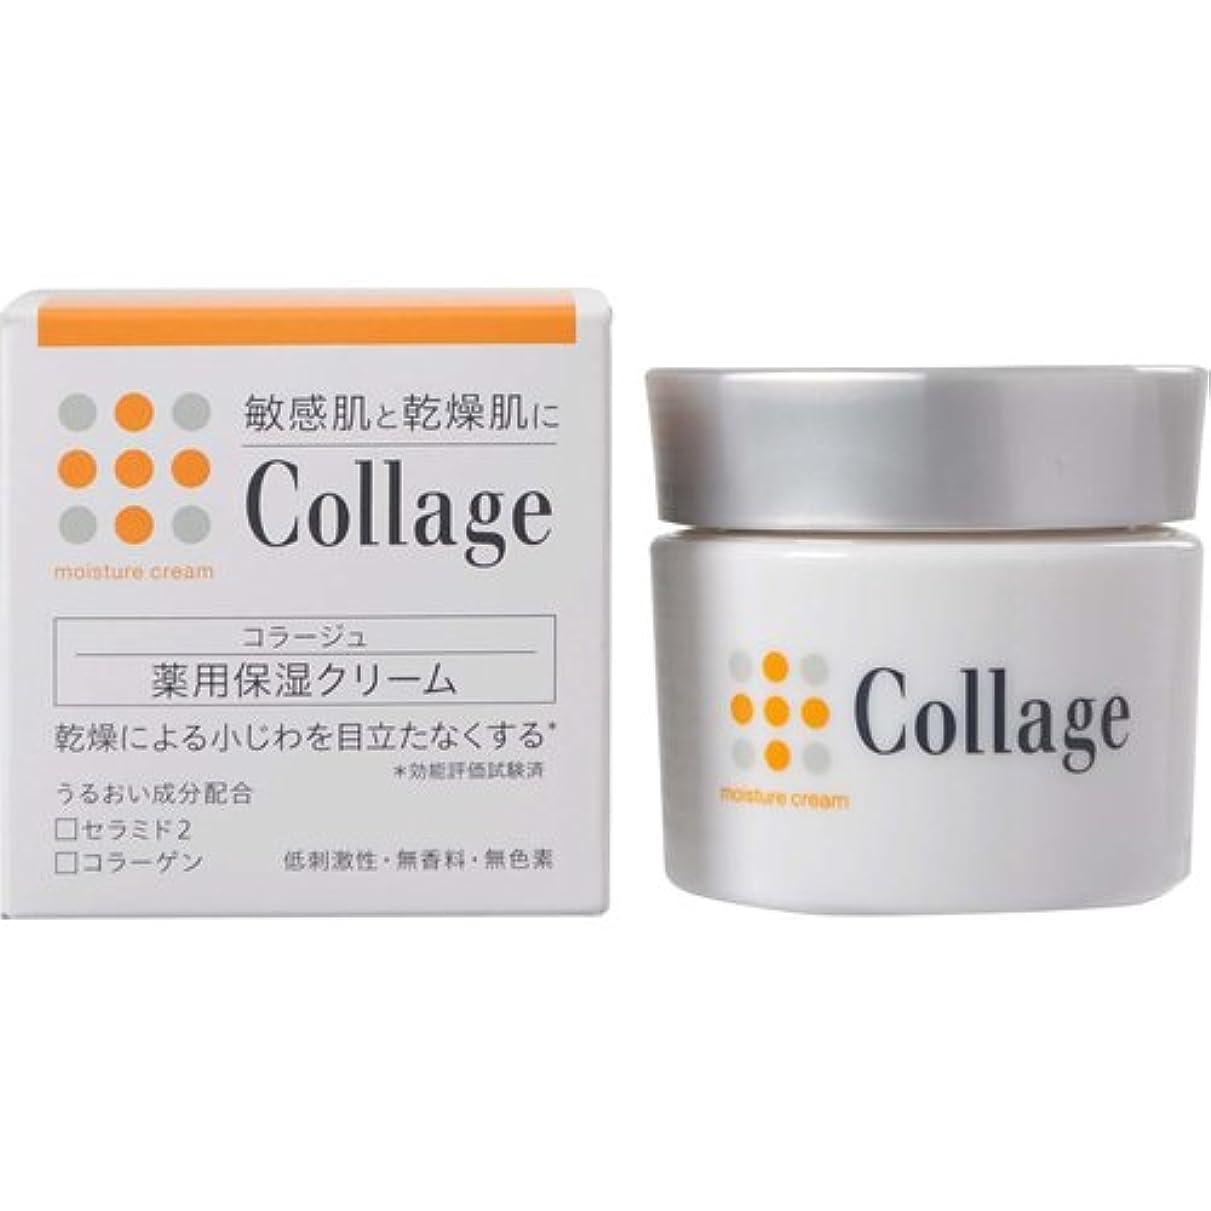 バリー解決する別のコラージュ 薬用保湿クリーム 30g 【医薬部外品】